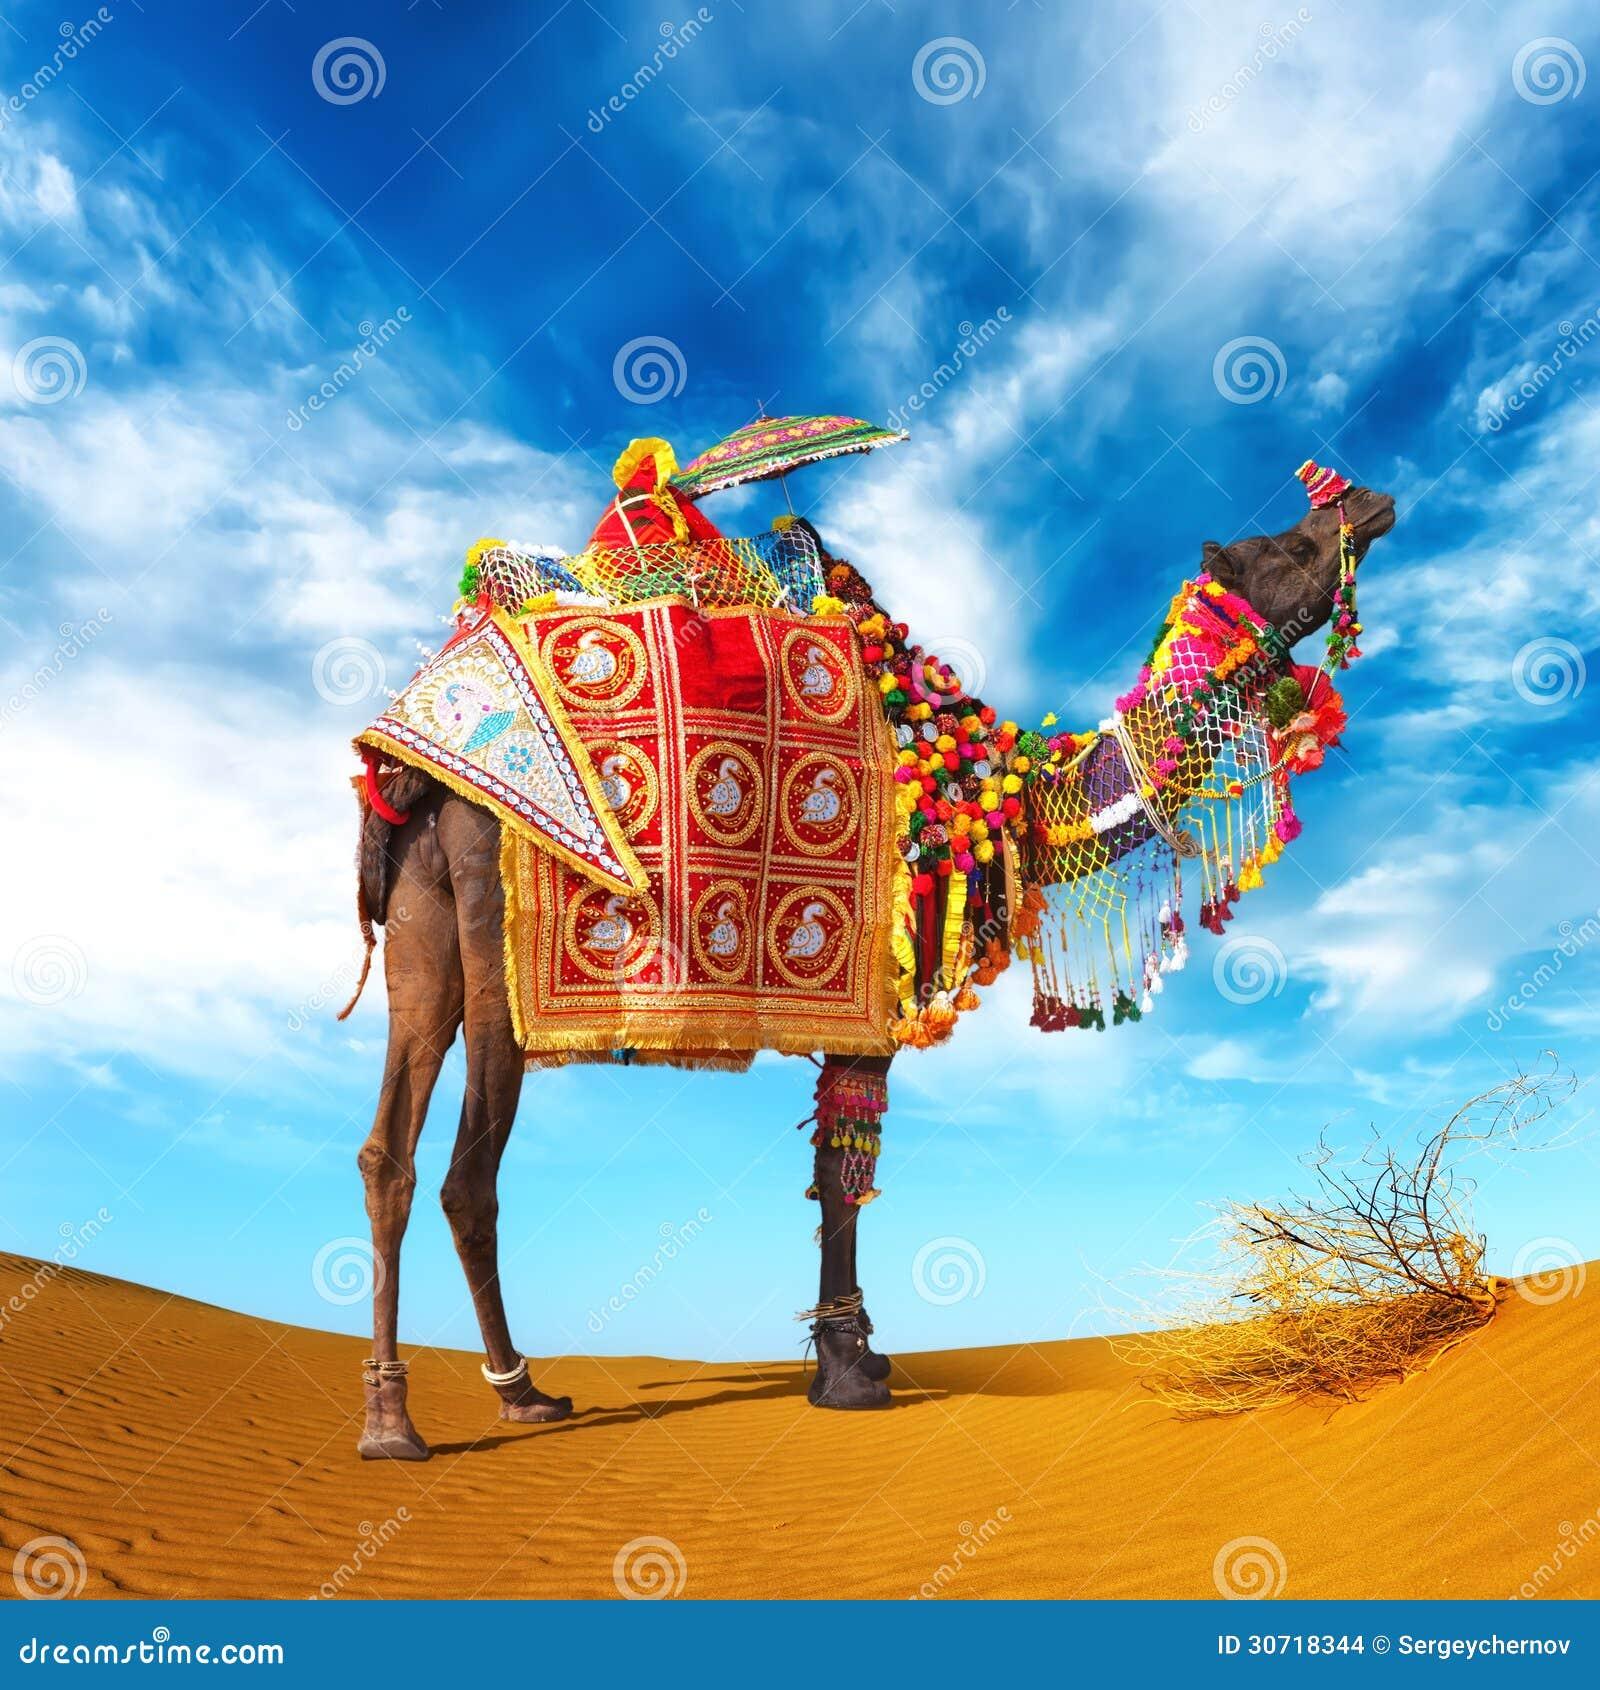 camel in desert stock images image 30718344. Black Bedroom Furniture Sets. Home Design Ideas